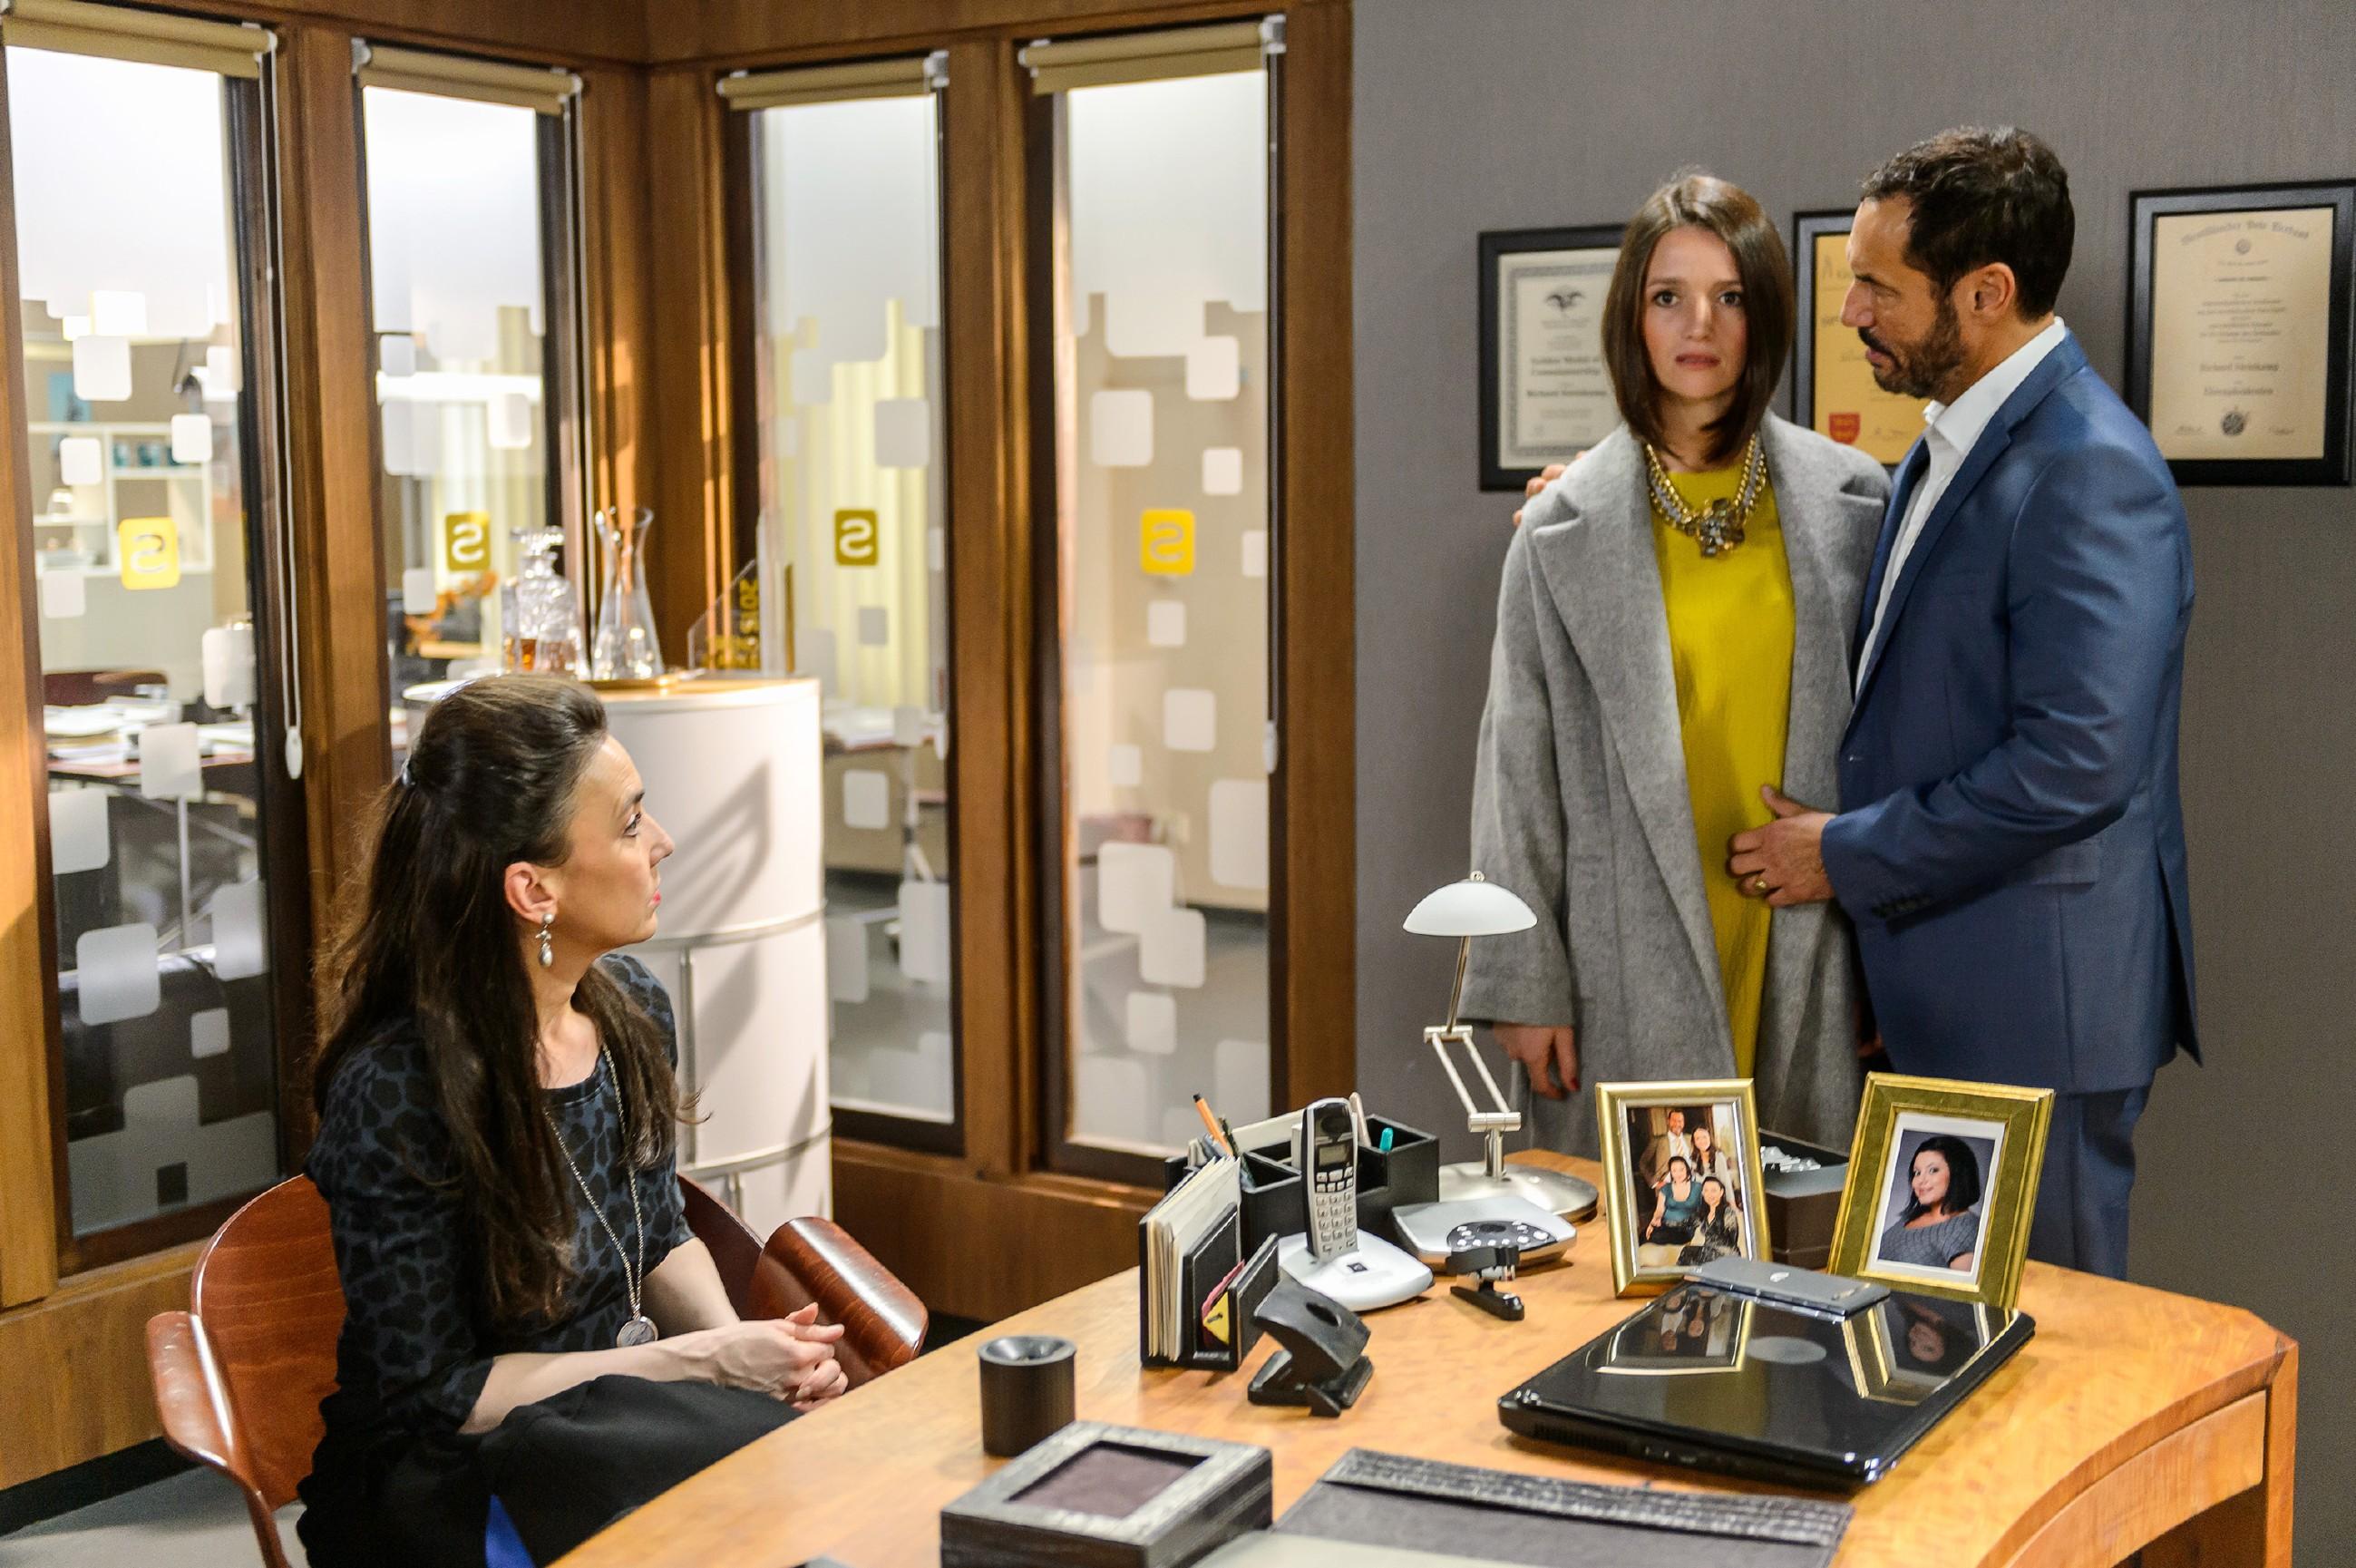 Simone (Tatjana Clasing, l.) und Richard (Silvan-Pierre Leirich) appellieren an Jenny (Kaja Schmidt-Tychsen), ihre Rachegedanken gegen Veit aufzugeben. (Quelle: RTL / Willi Weber)